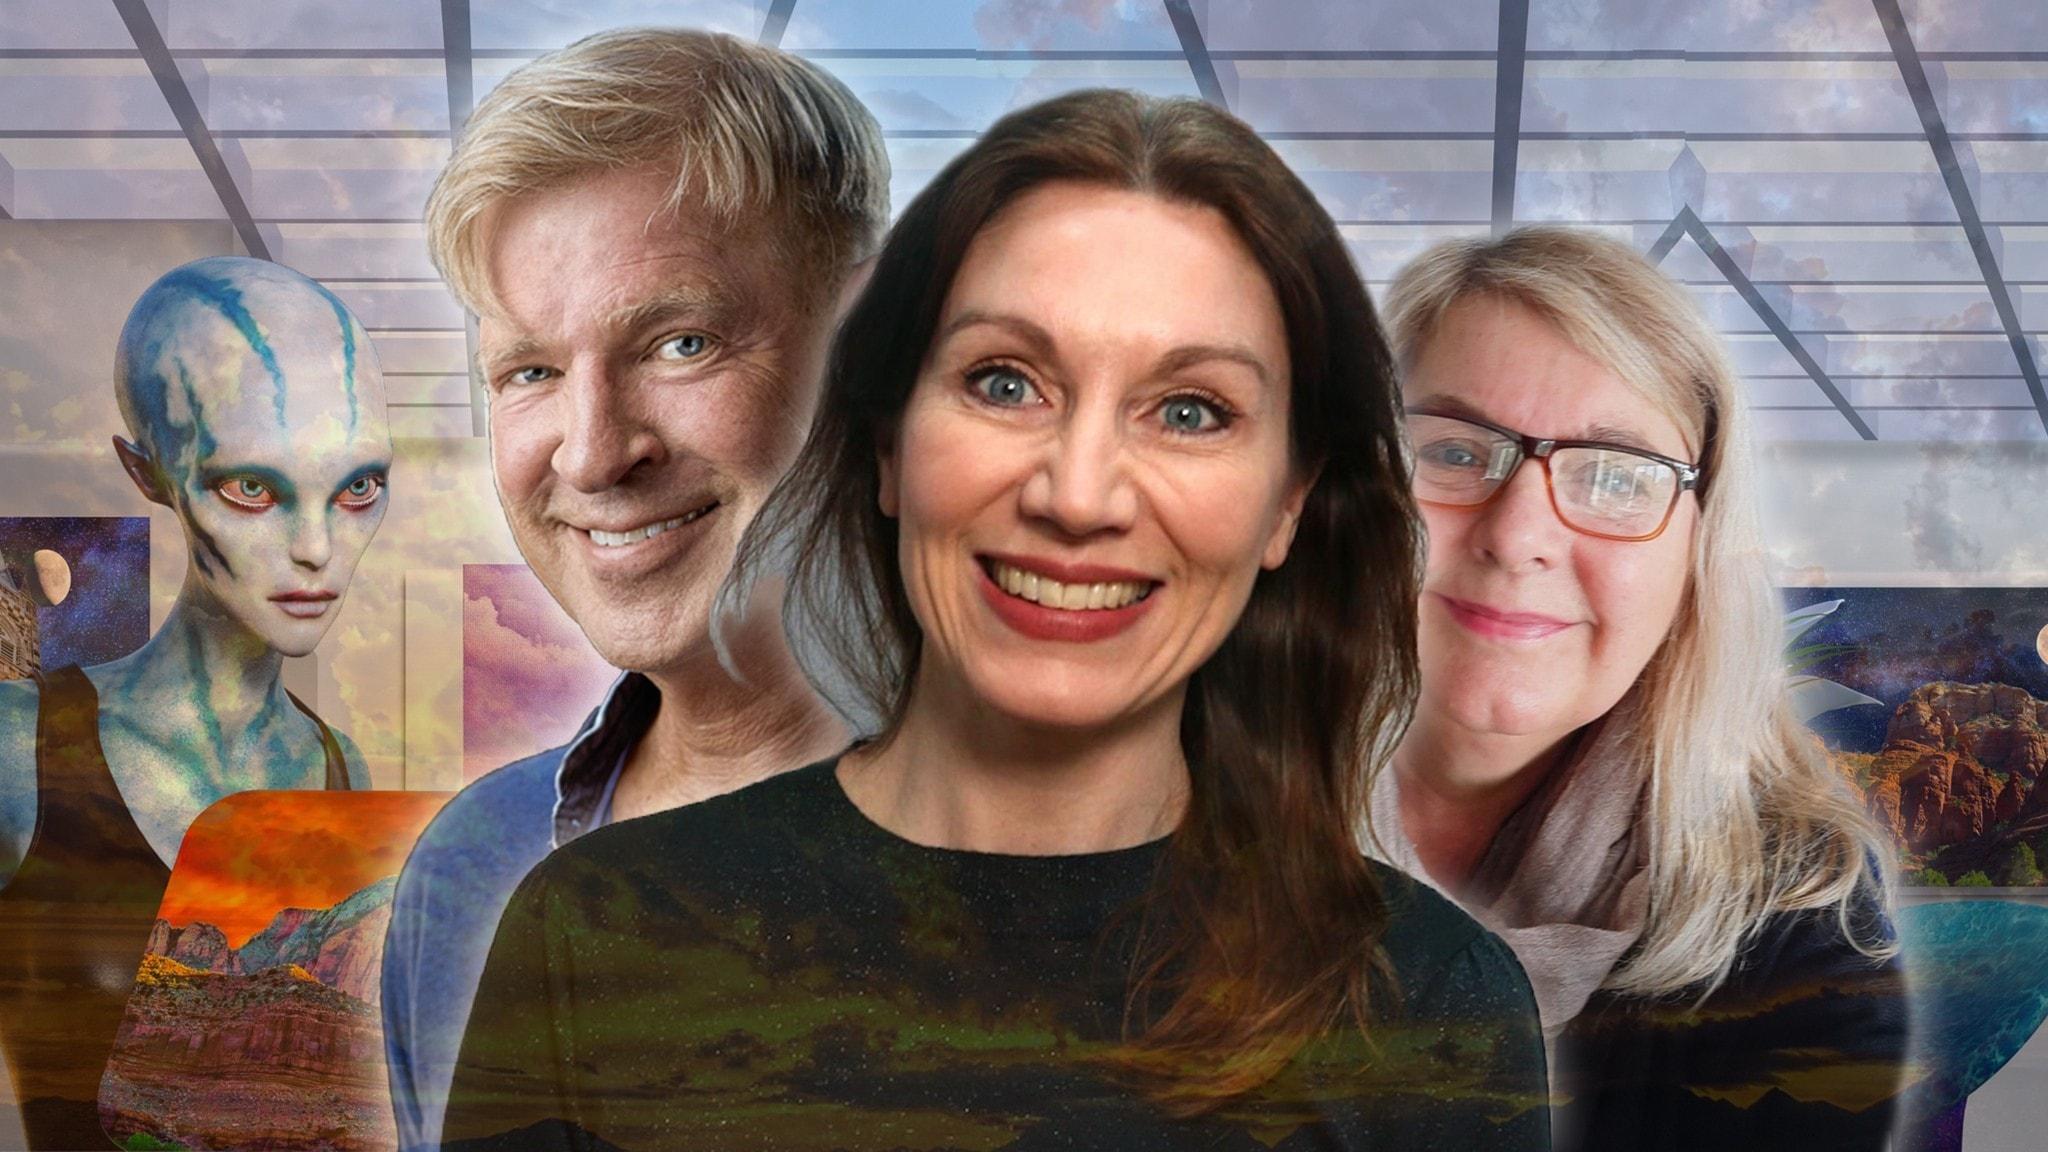 Stigfinnarna som ska leda oss på rätt väg denna vecka är Tv-producenten Annika Sundberg, manusförfattaren Calle Norlén och statsvetaren Katarina Barrling. På bilden syns samtliga i ett futuristiskt kollage.